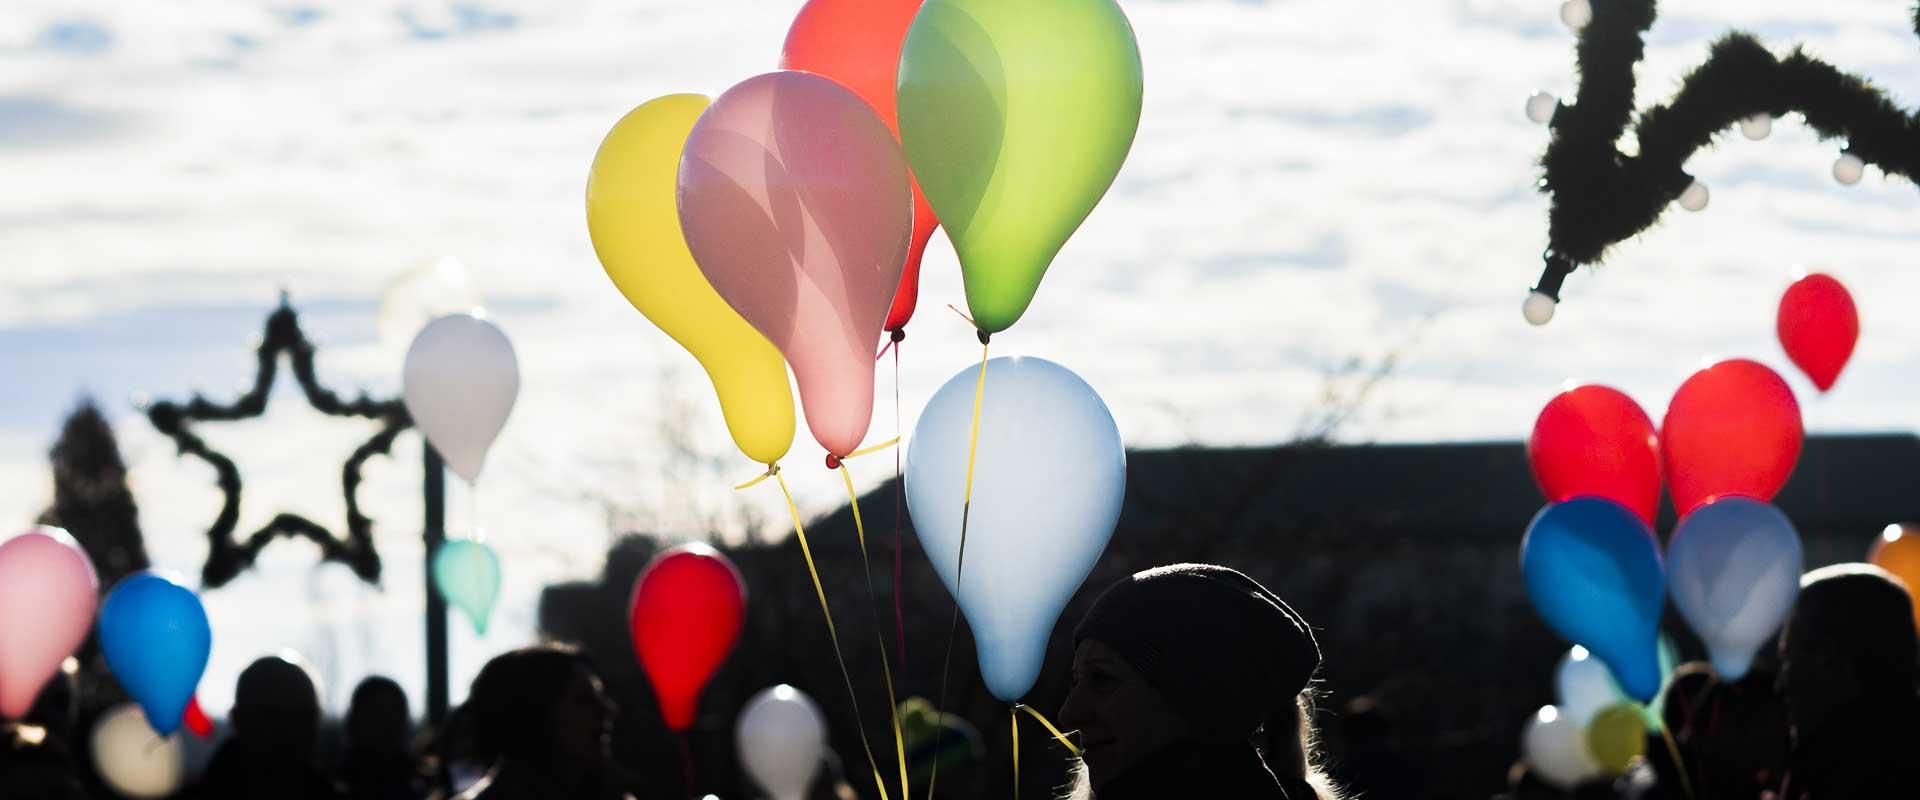 Luftballons zur Adventzeit